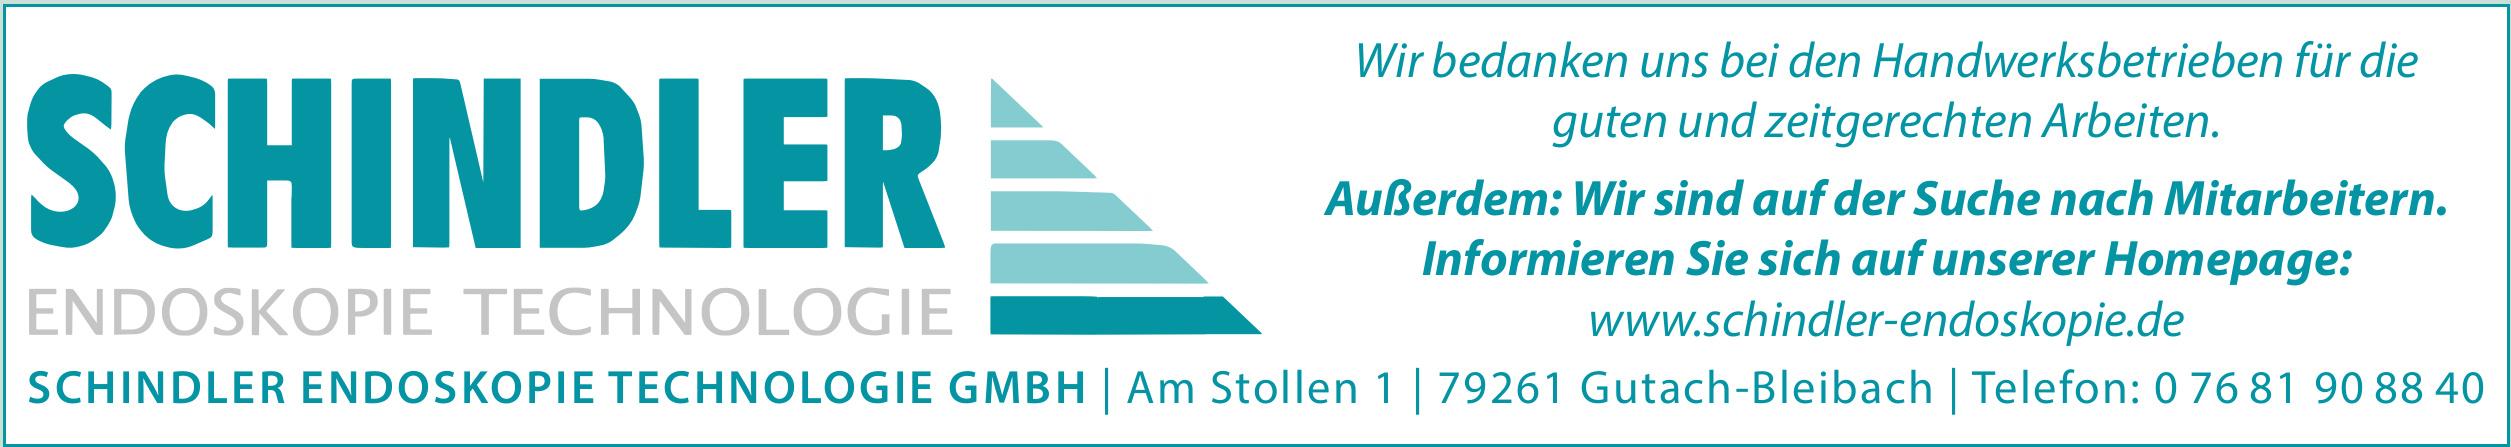 Schindler Endoskopie Technologie GmbH